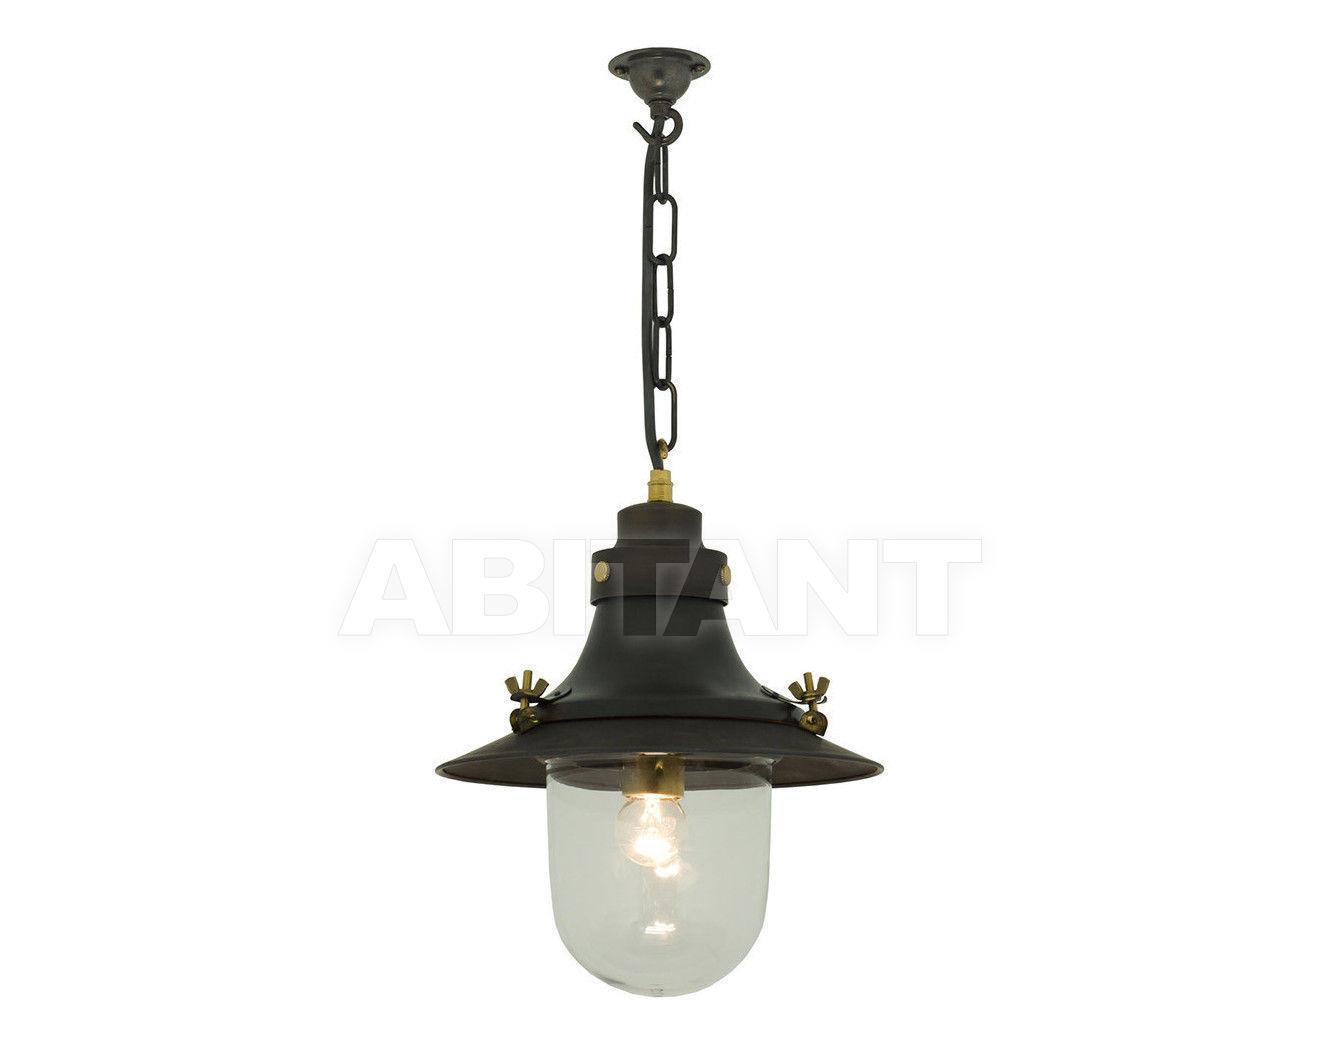 Купить Светильник Davey Lighting Pendants 7125/OO/CL/WE